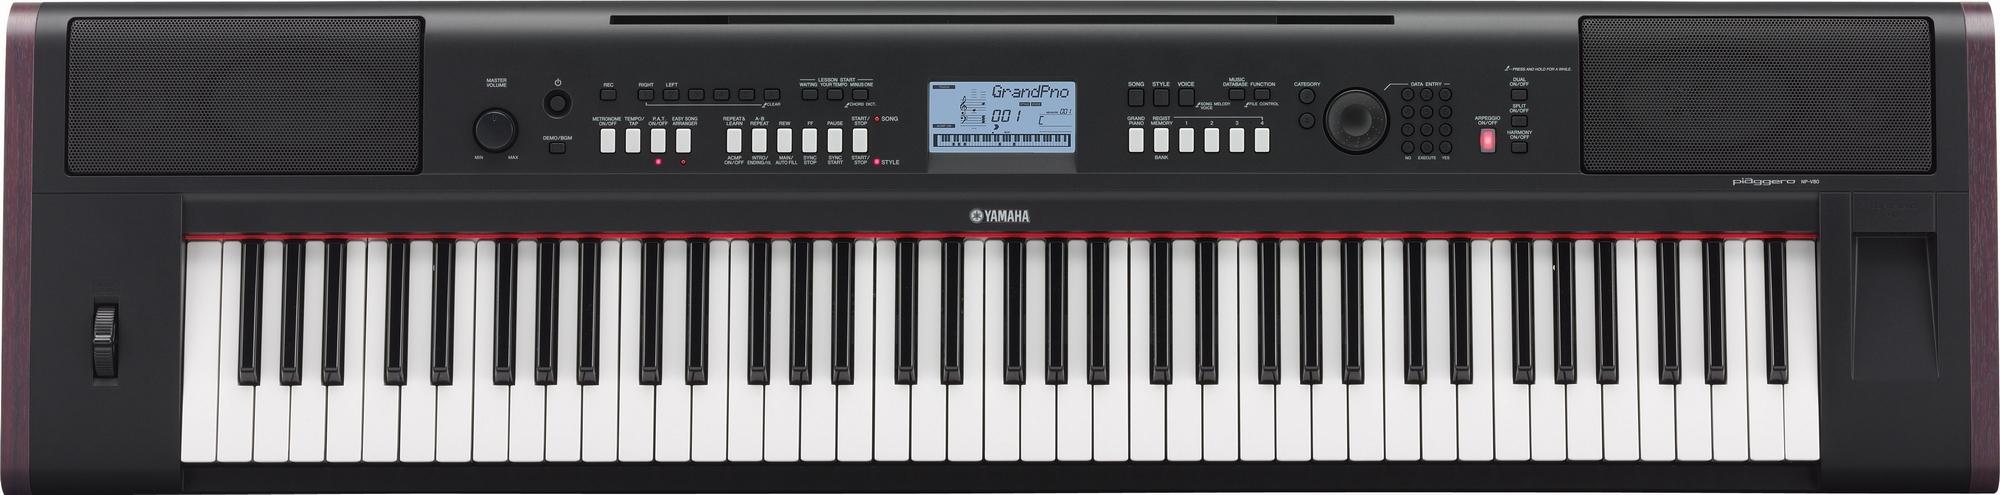 PiaggeroМузыкальные инструменты<br>Синтезатор<br>